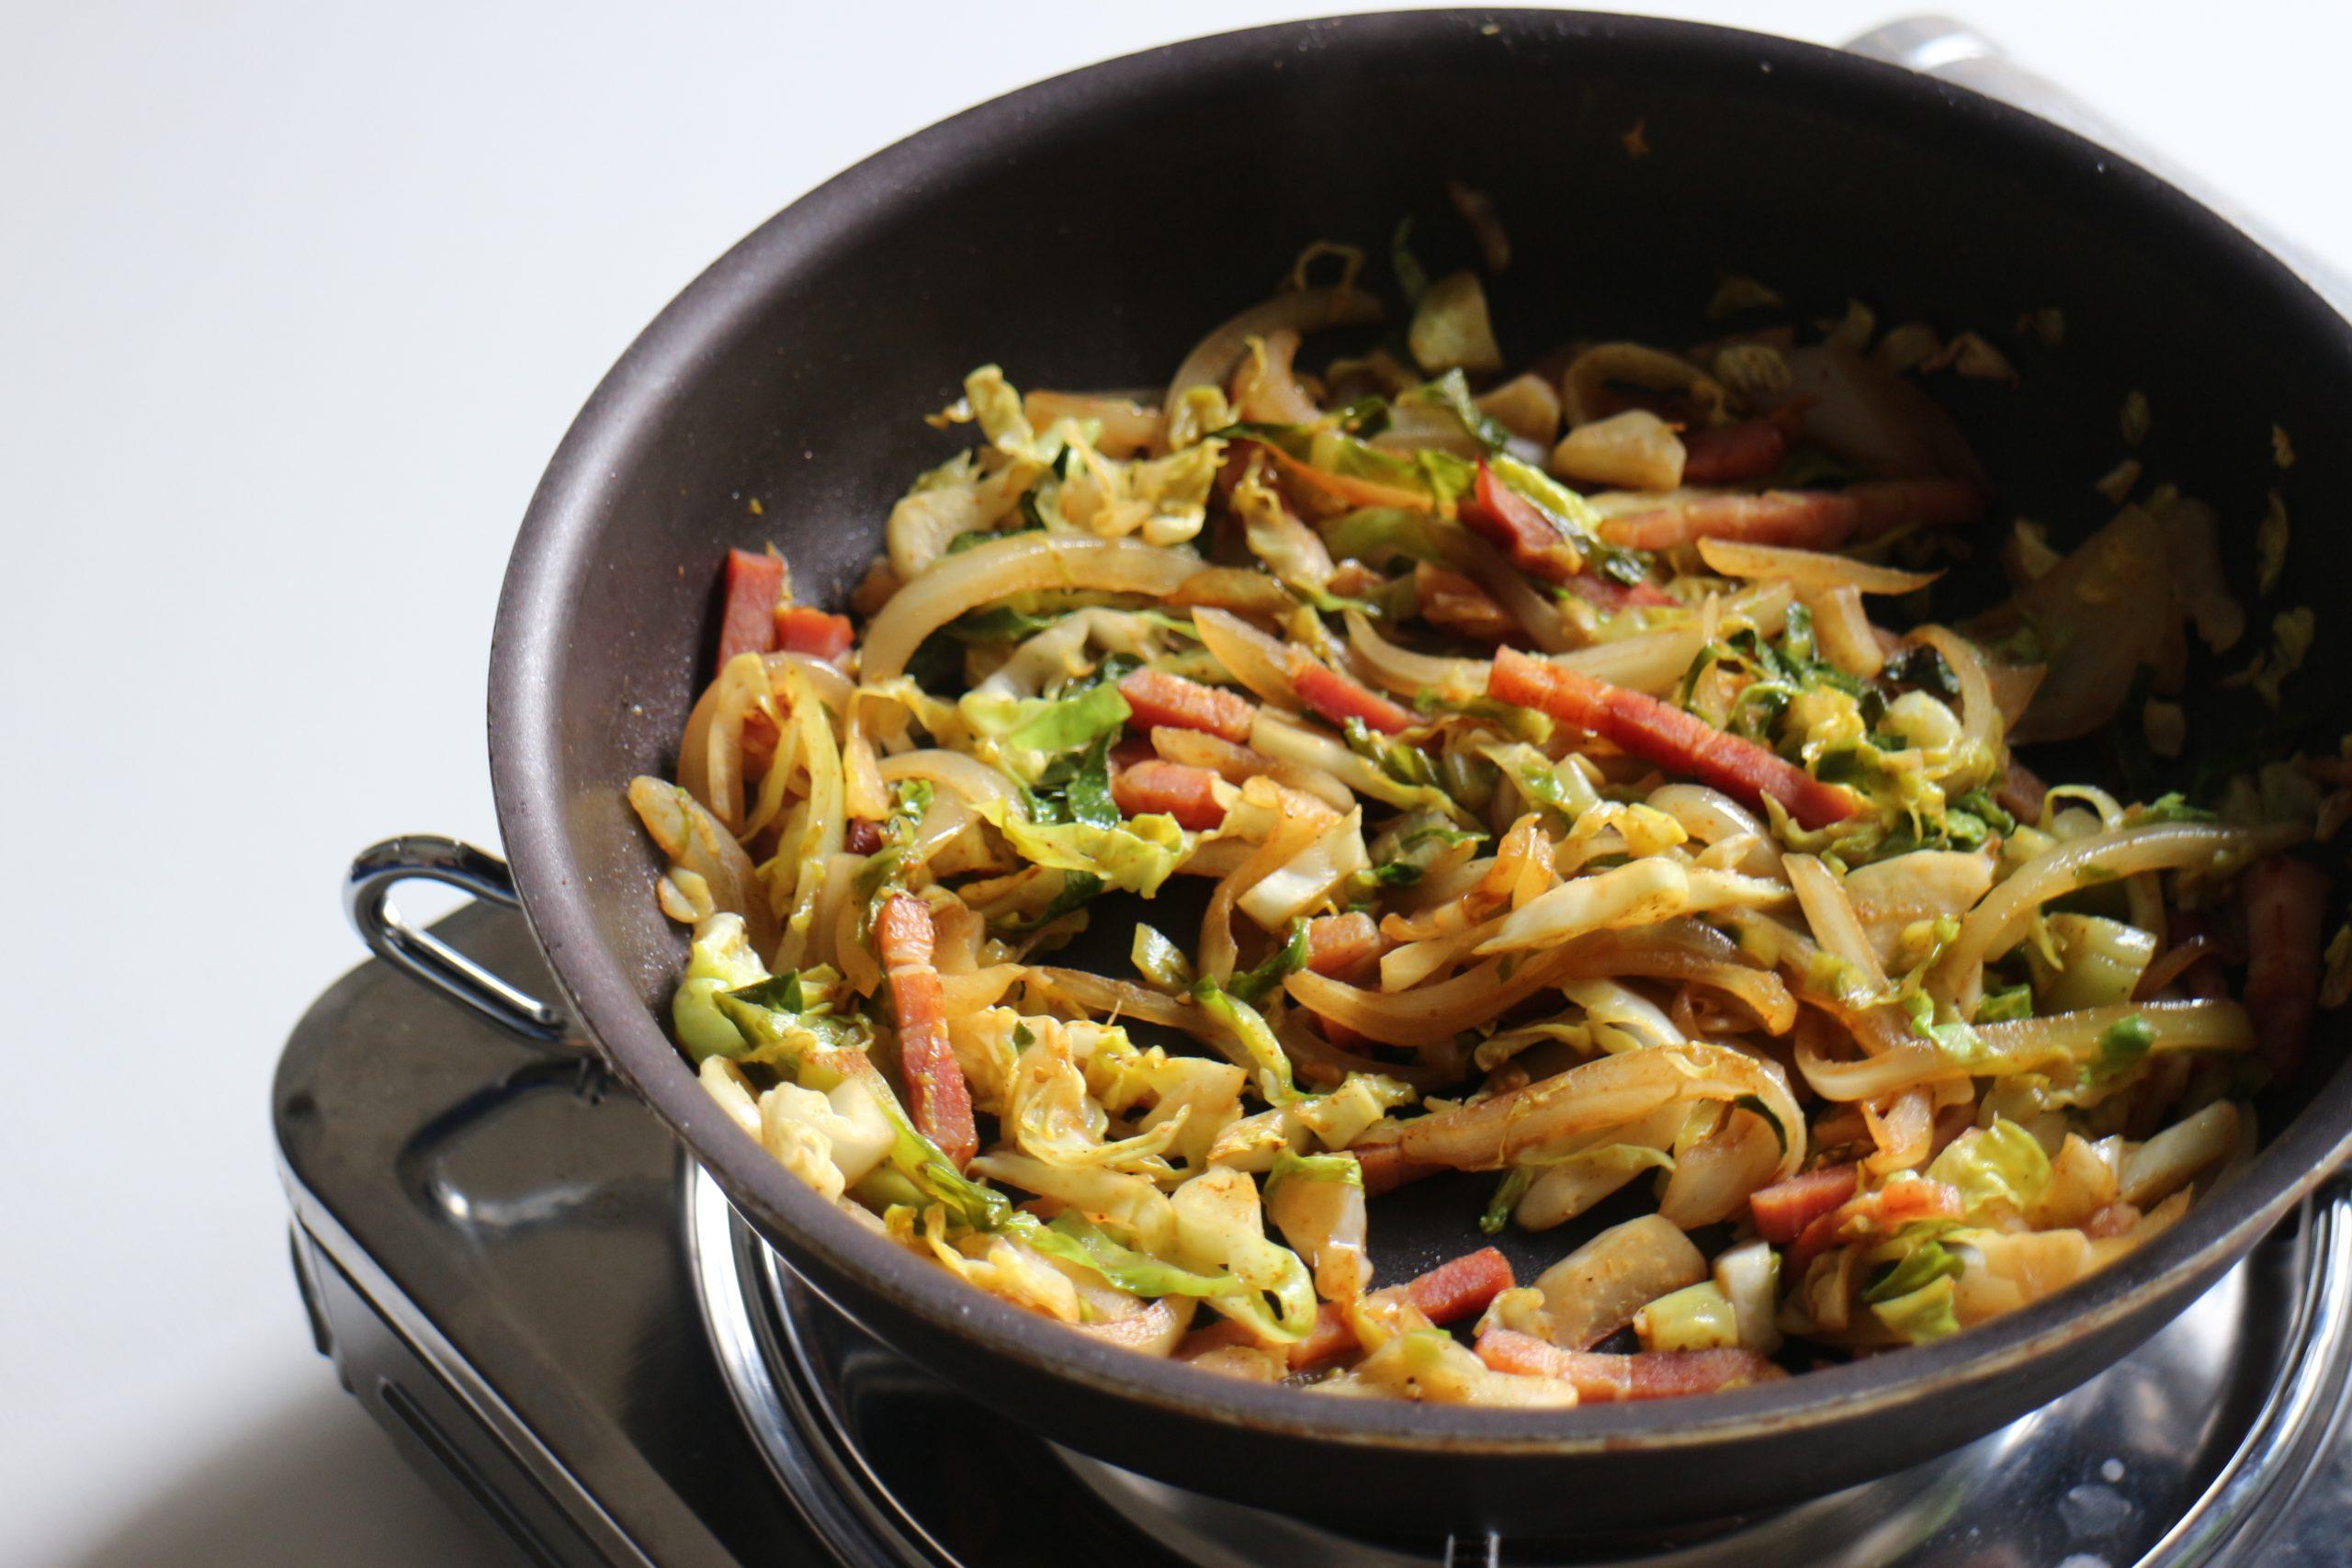 さらに★を加えて10分程弱火でじっくり炒め、しんなりしてきたらしょうゆ、カレー粉を加えて仕上げる。